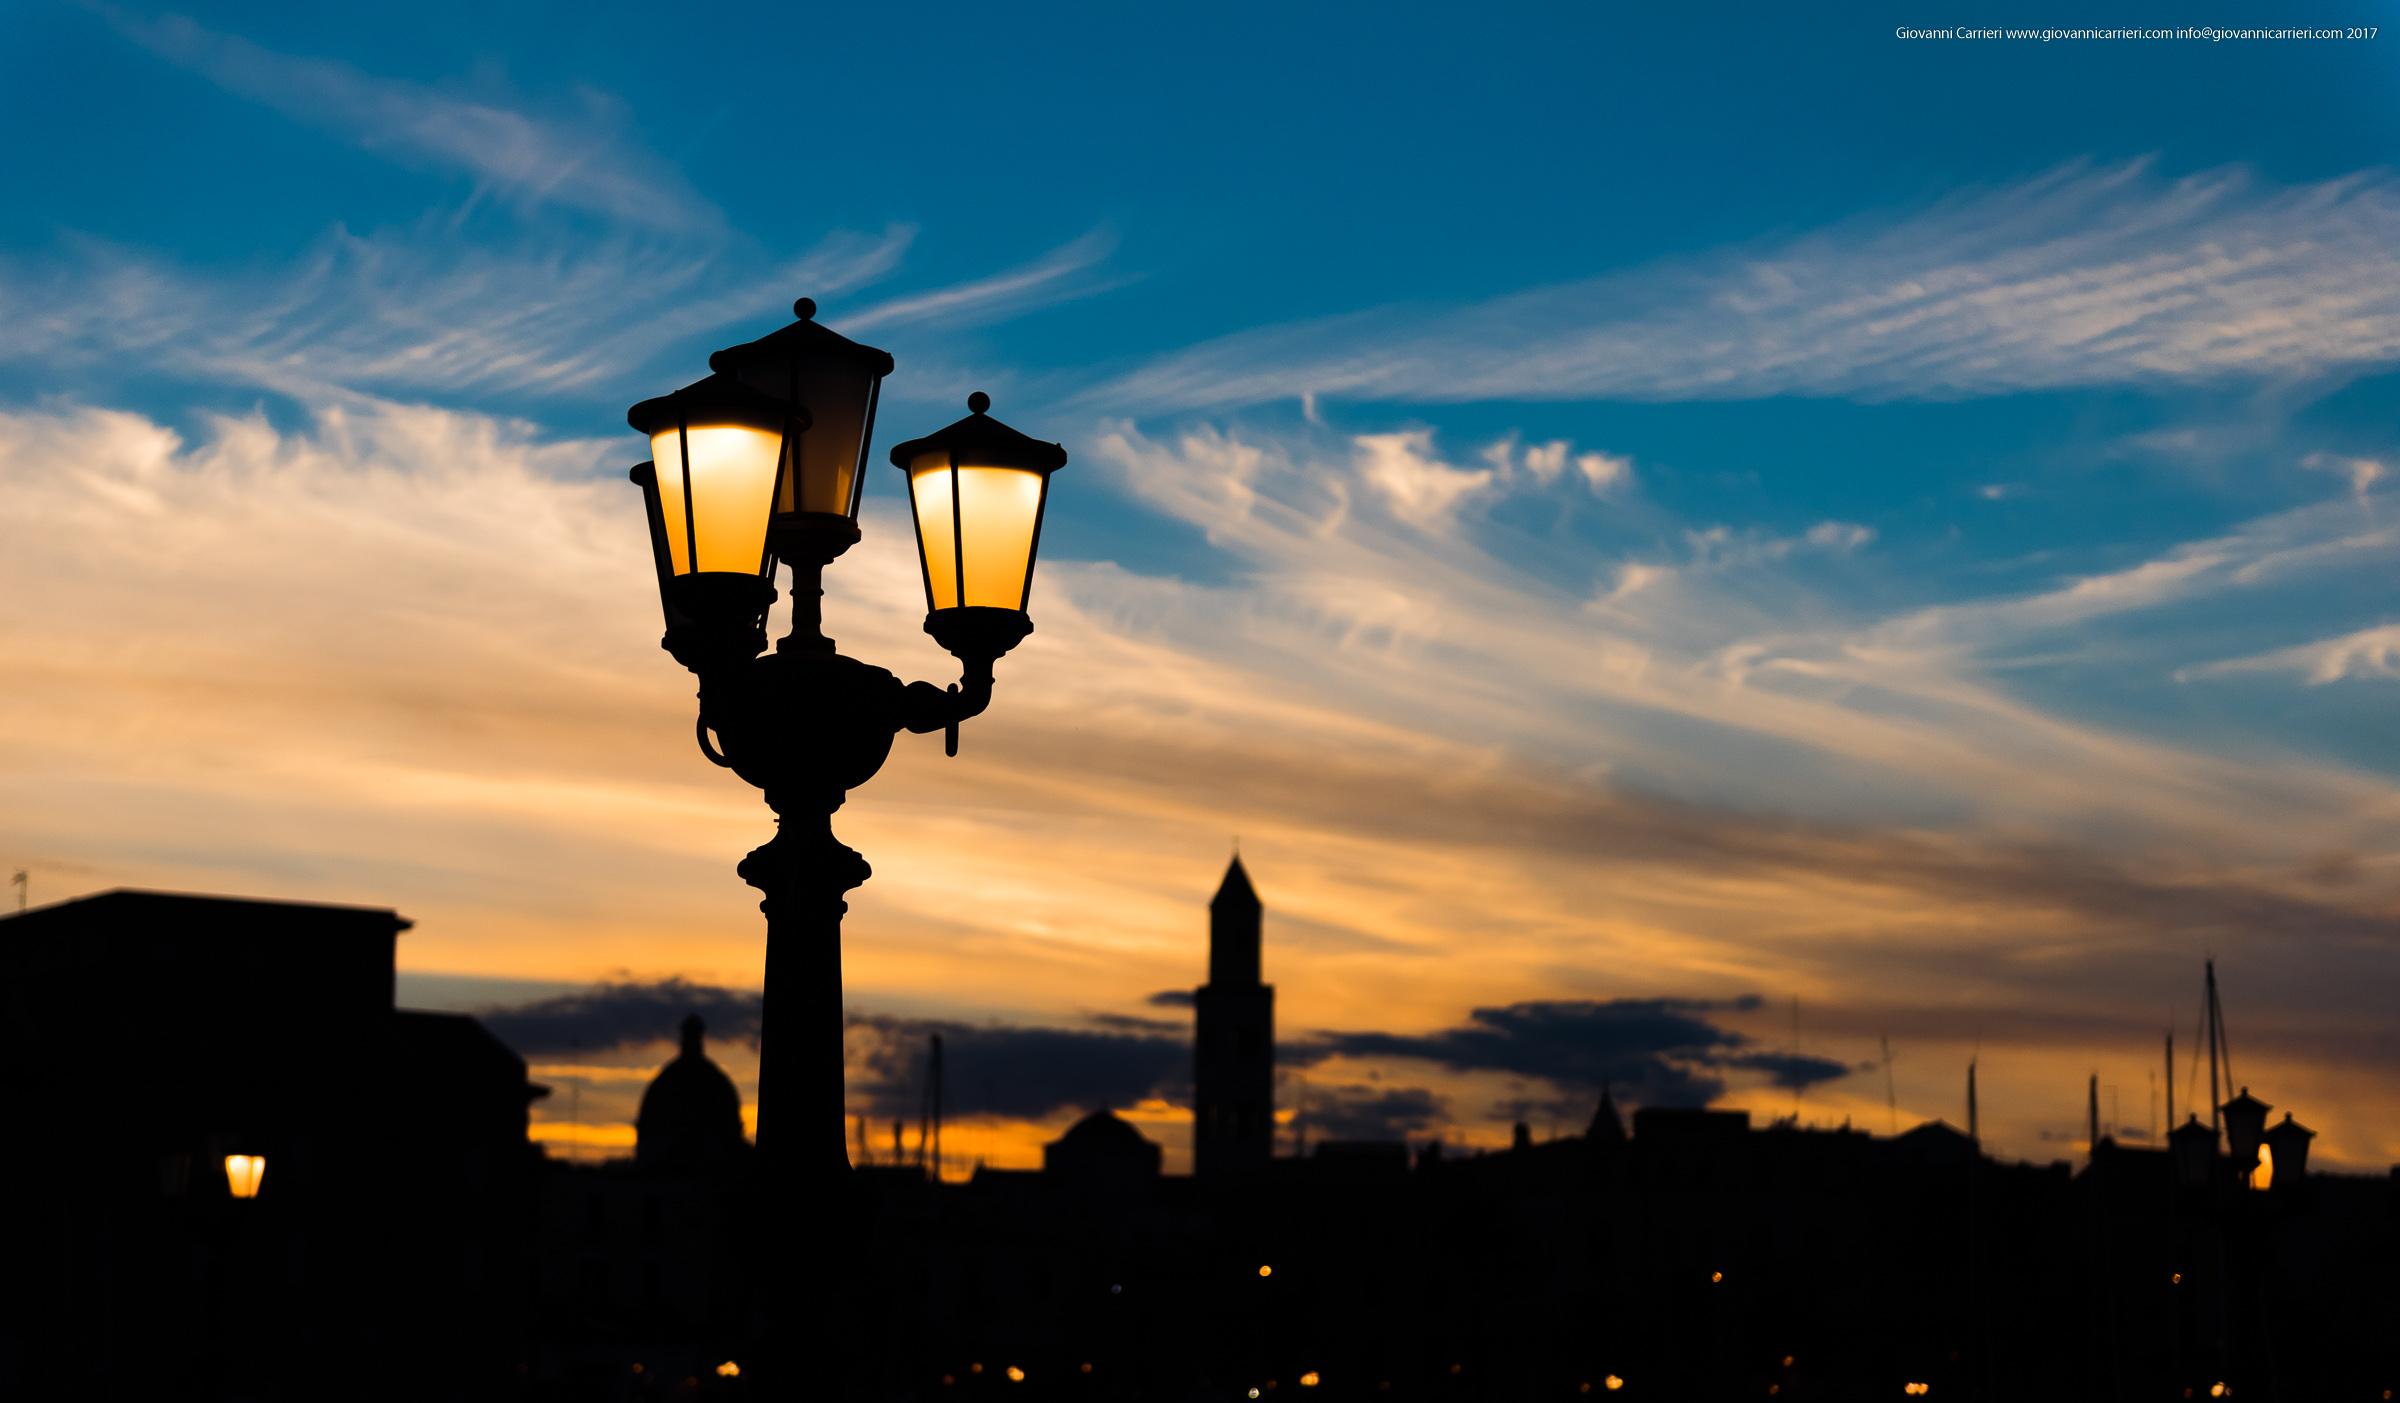 La skyline di Bari vista dal lungomare